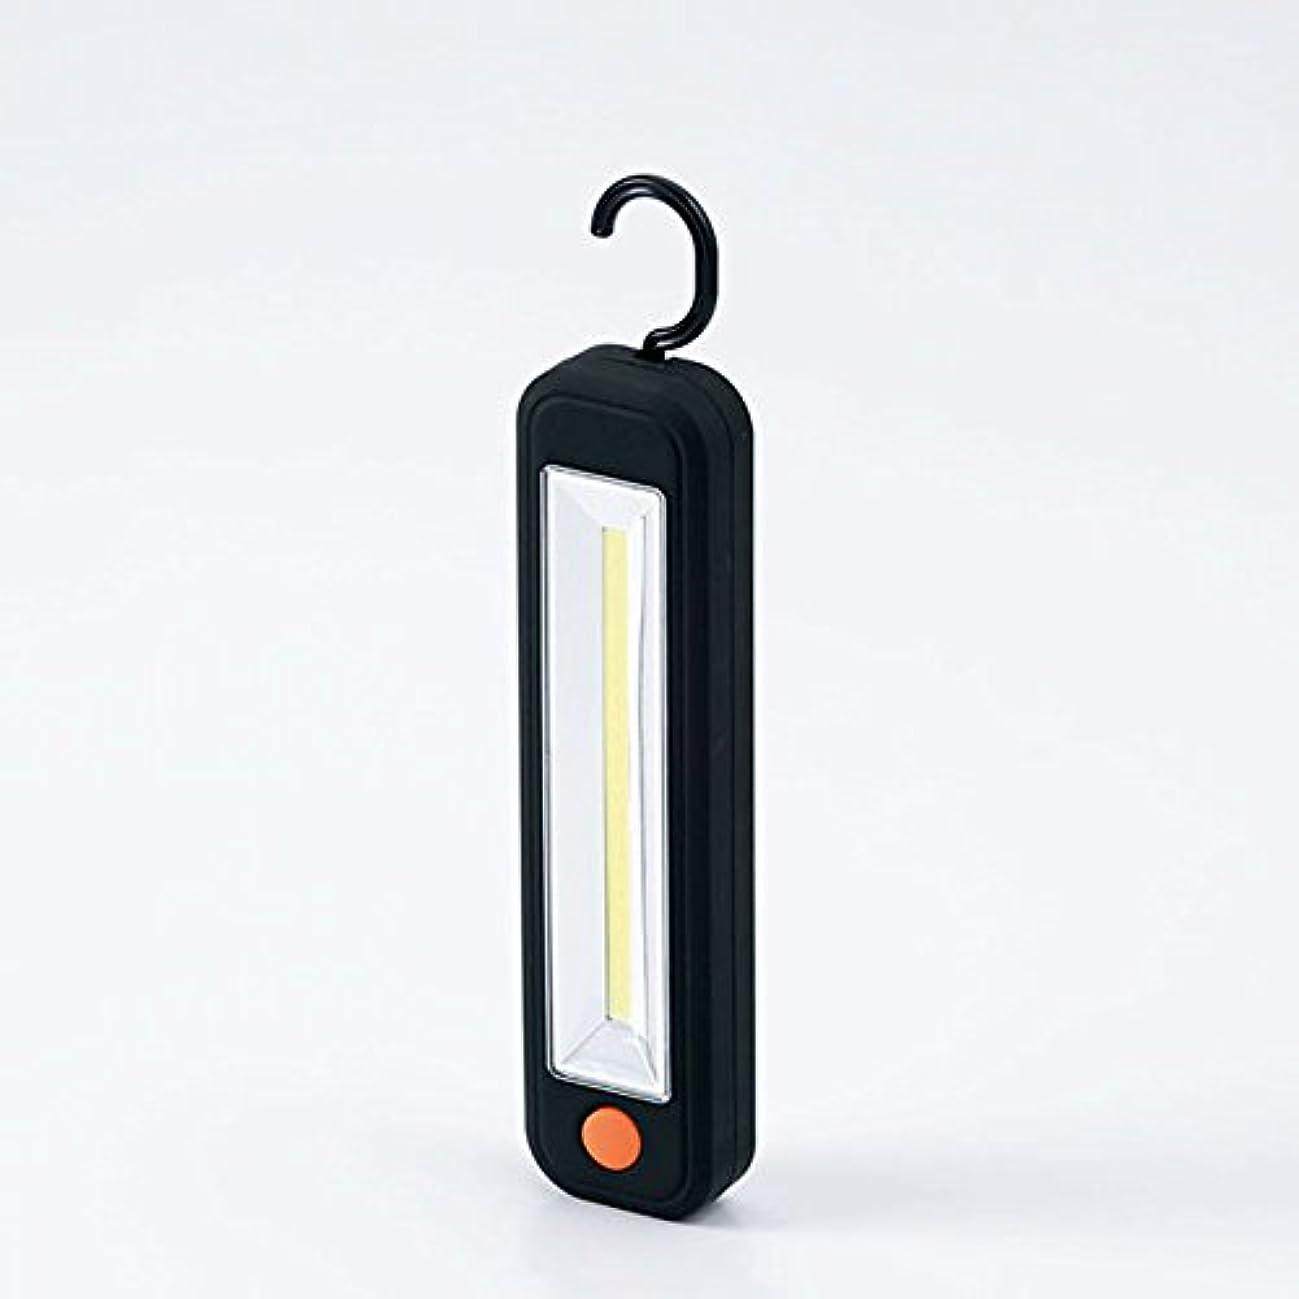 欺く欠点樹皮ワークライト【 LEDライト 携帯ライト? フック&マグネット付】 (WZ-03) (ワイド, ハンディーライト)